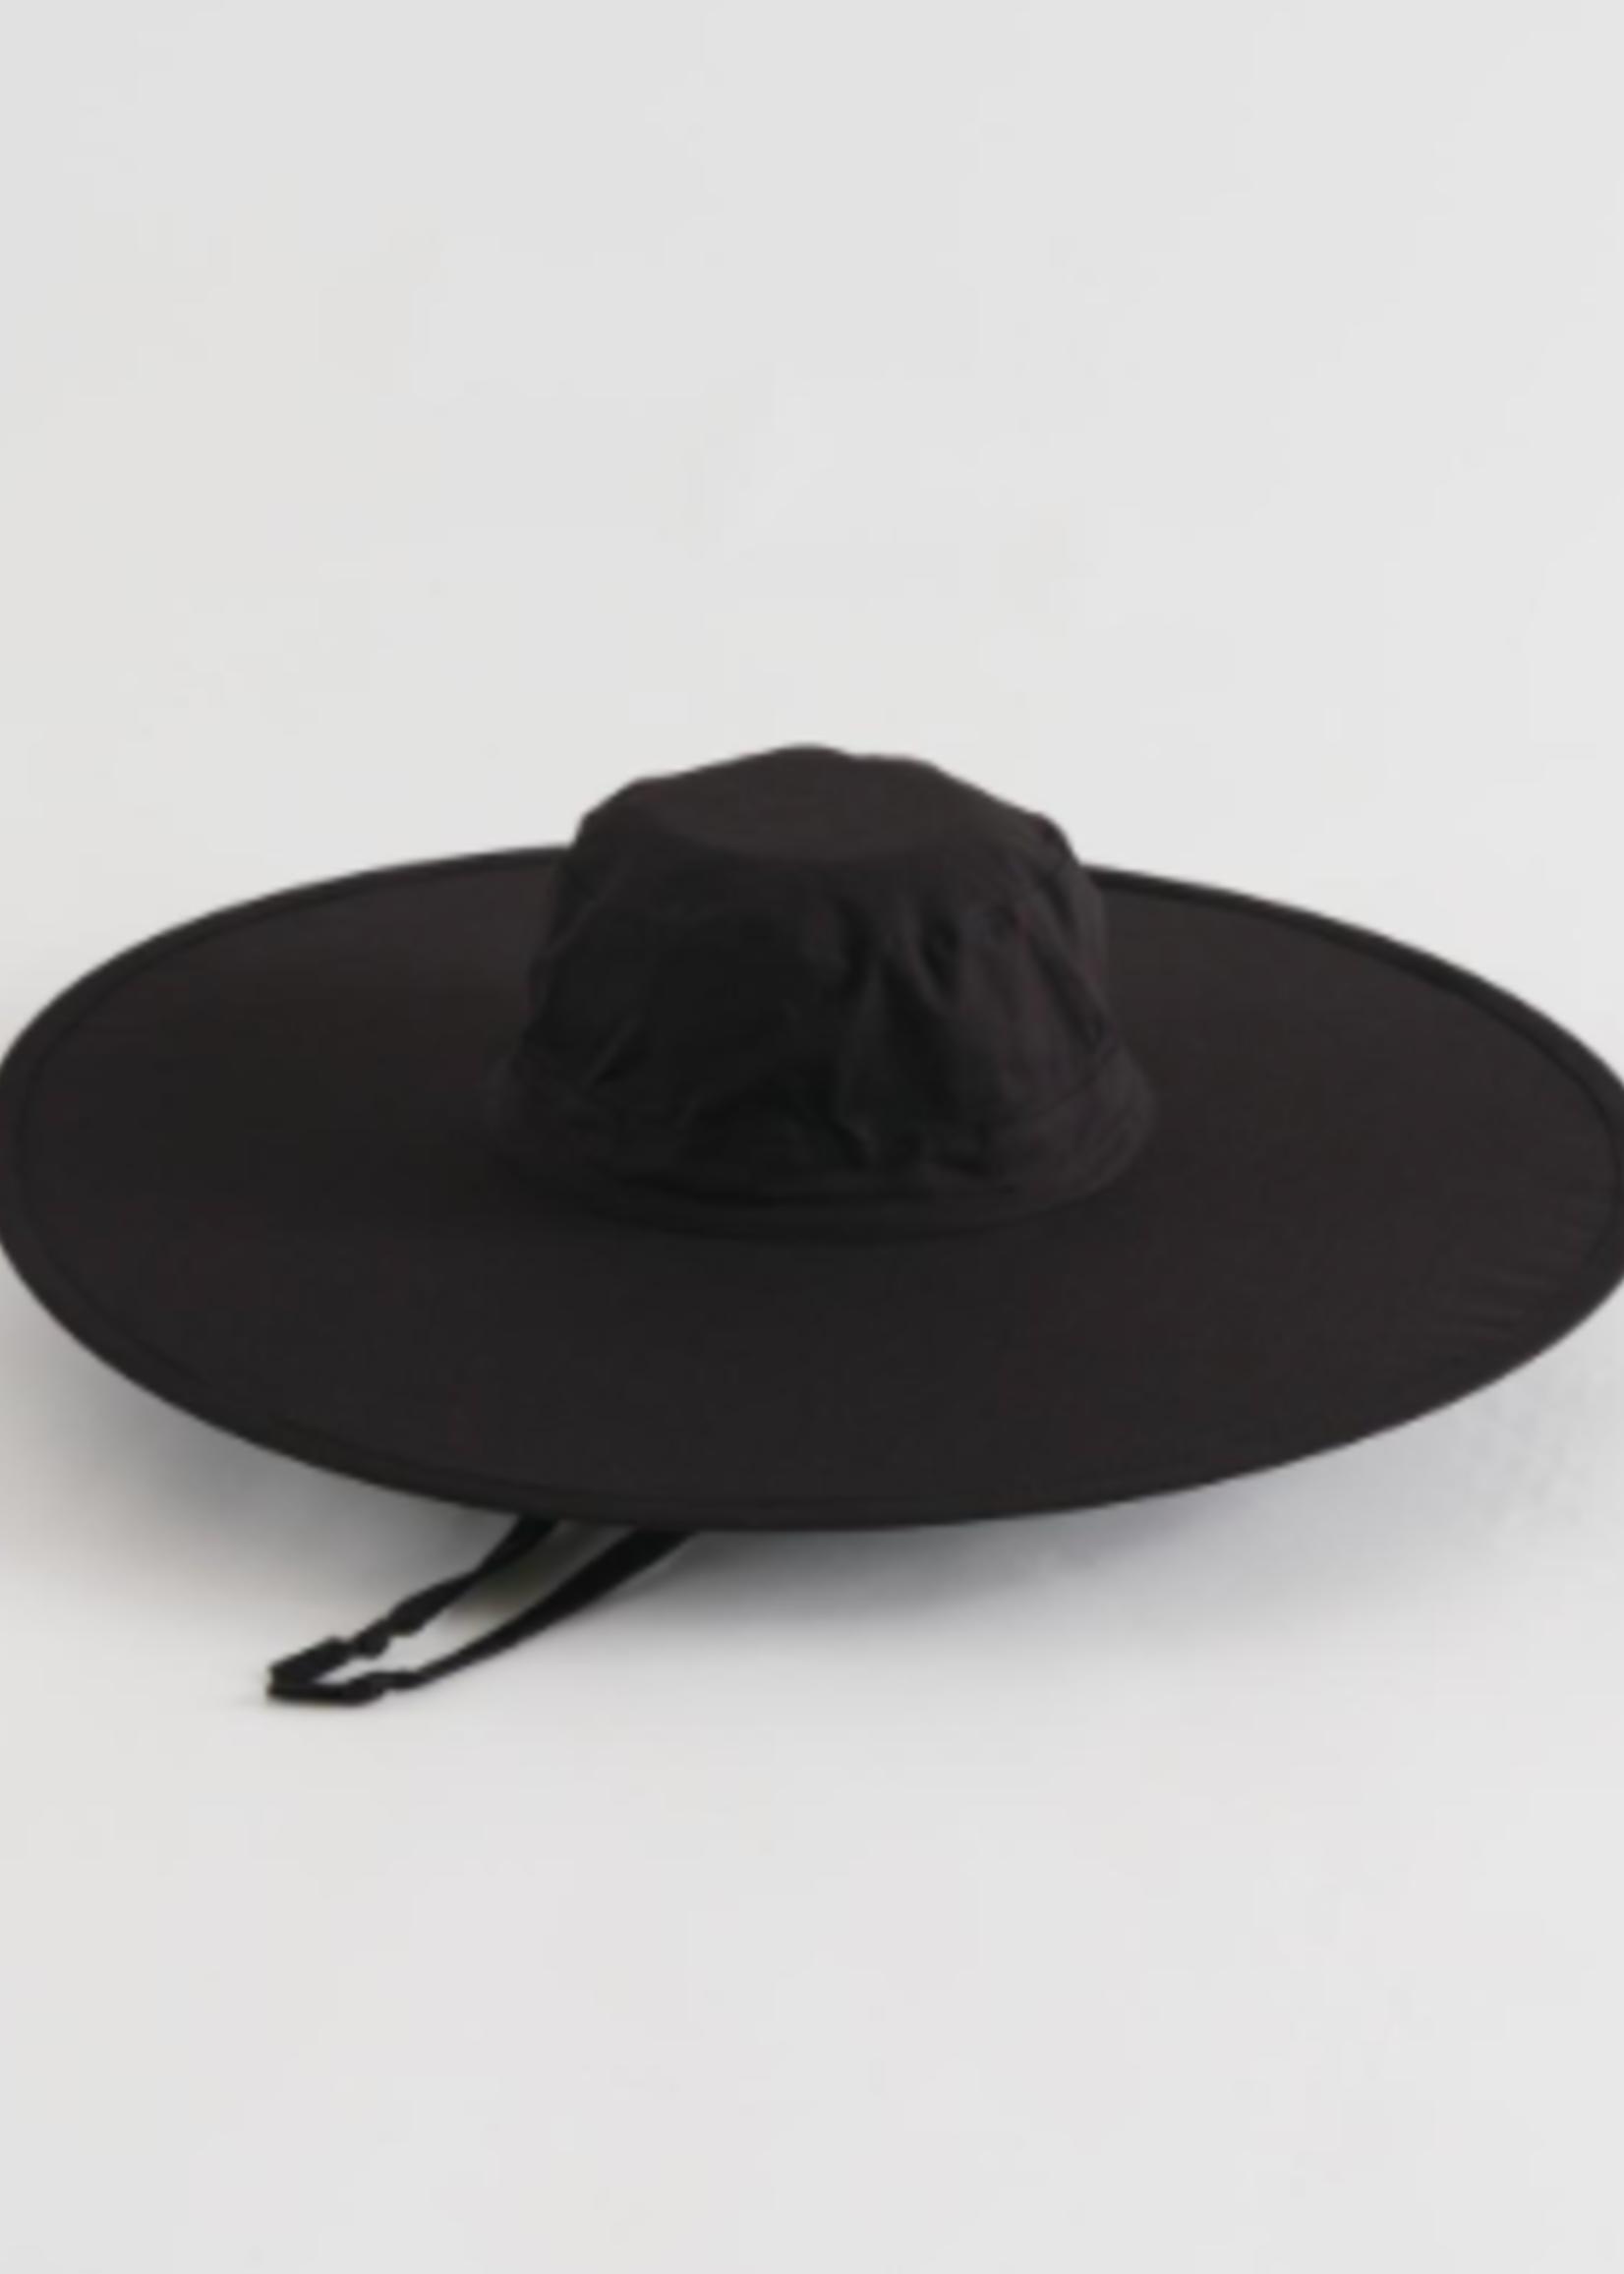 Baggu Chapeau de soleil pliable par Baggu